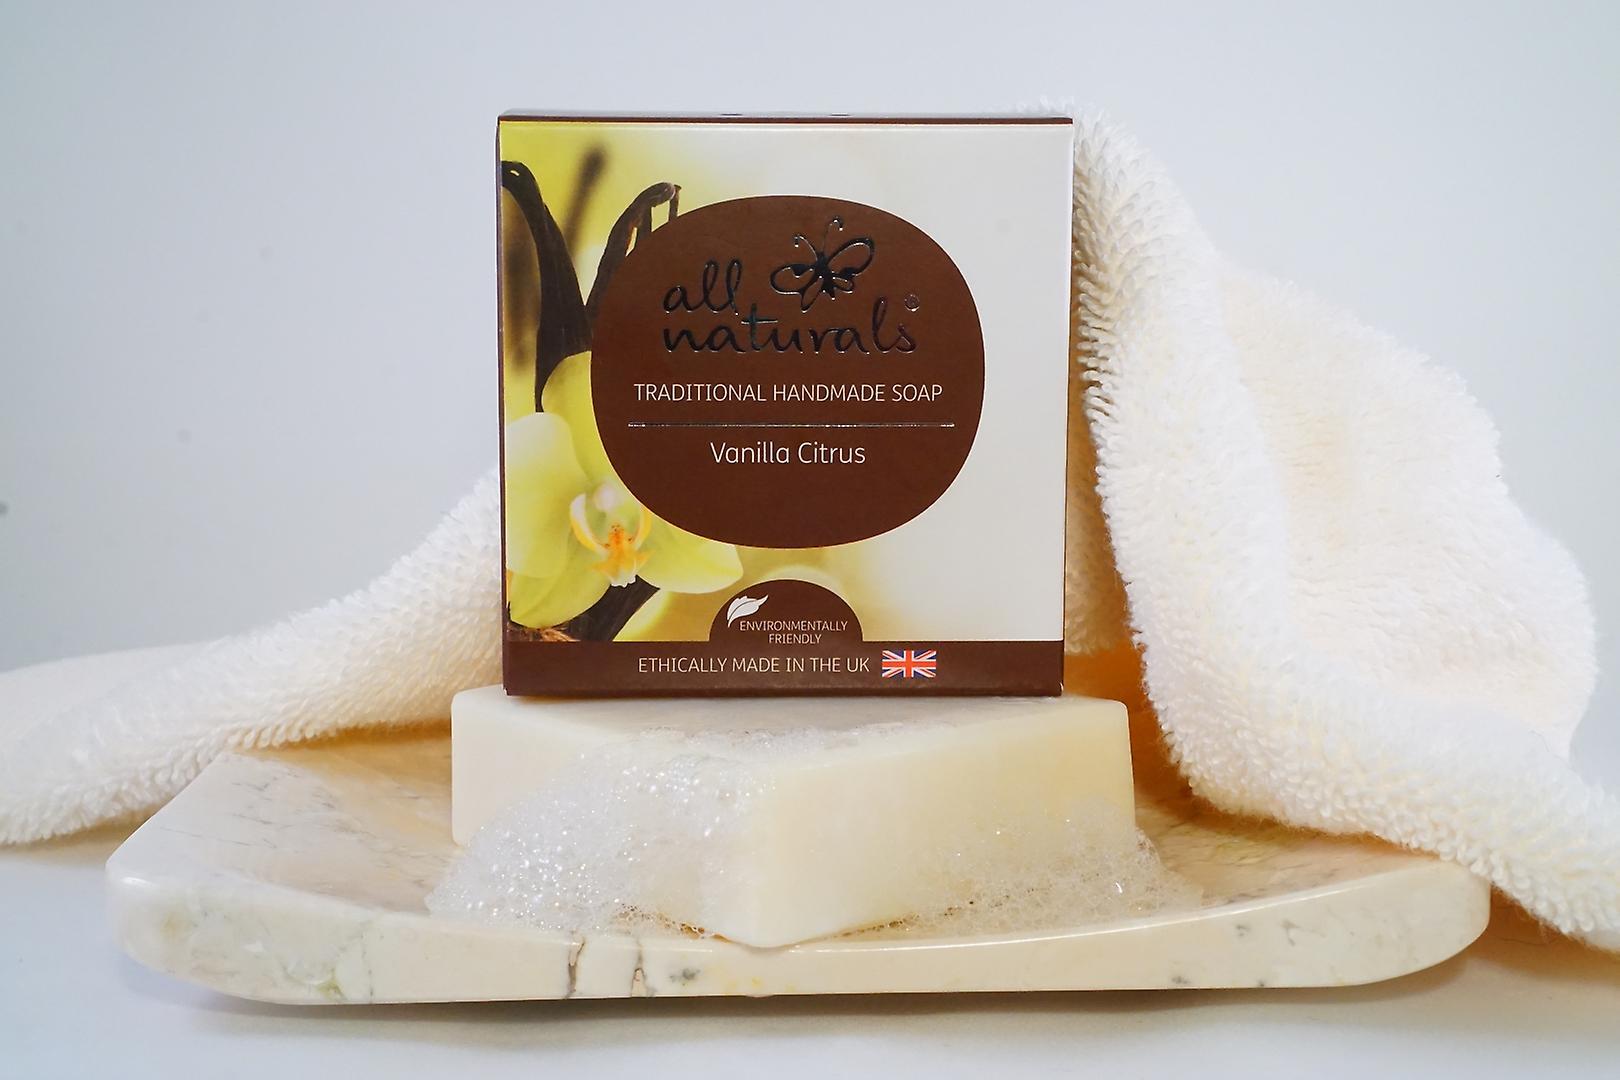 All Naturals Organic Soap Vanilla Citrus 100g